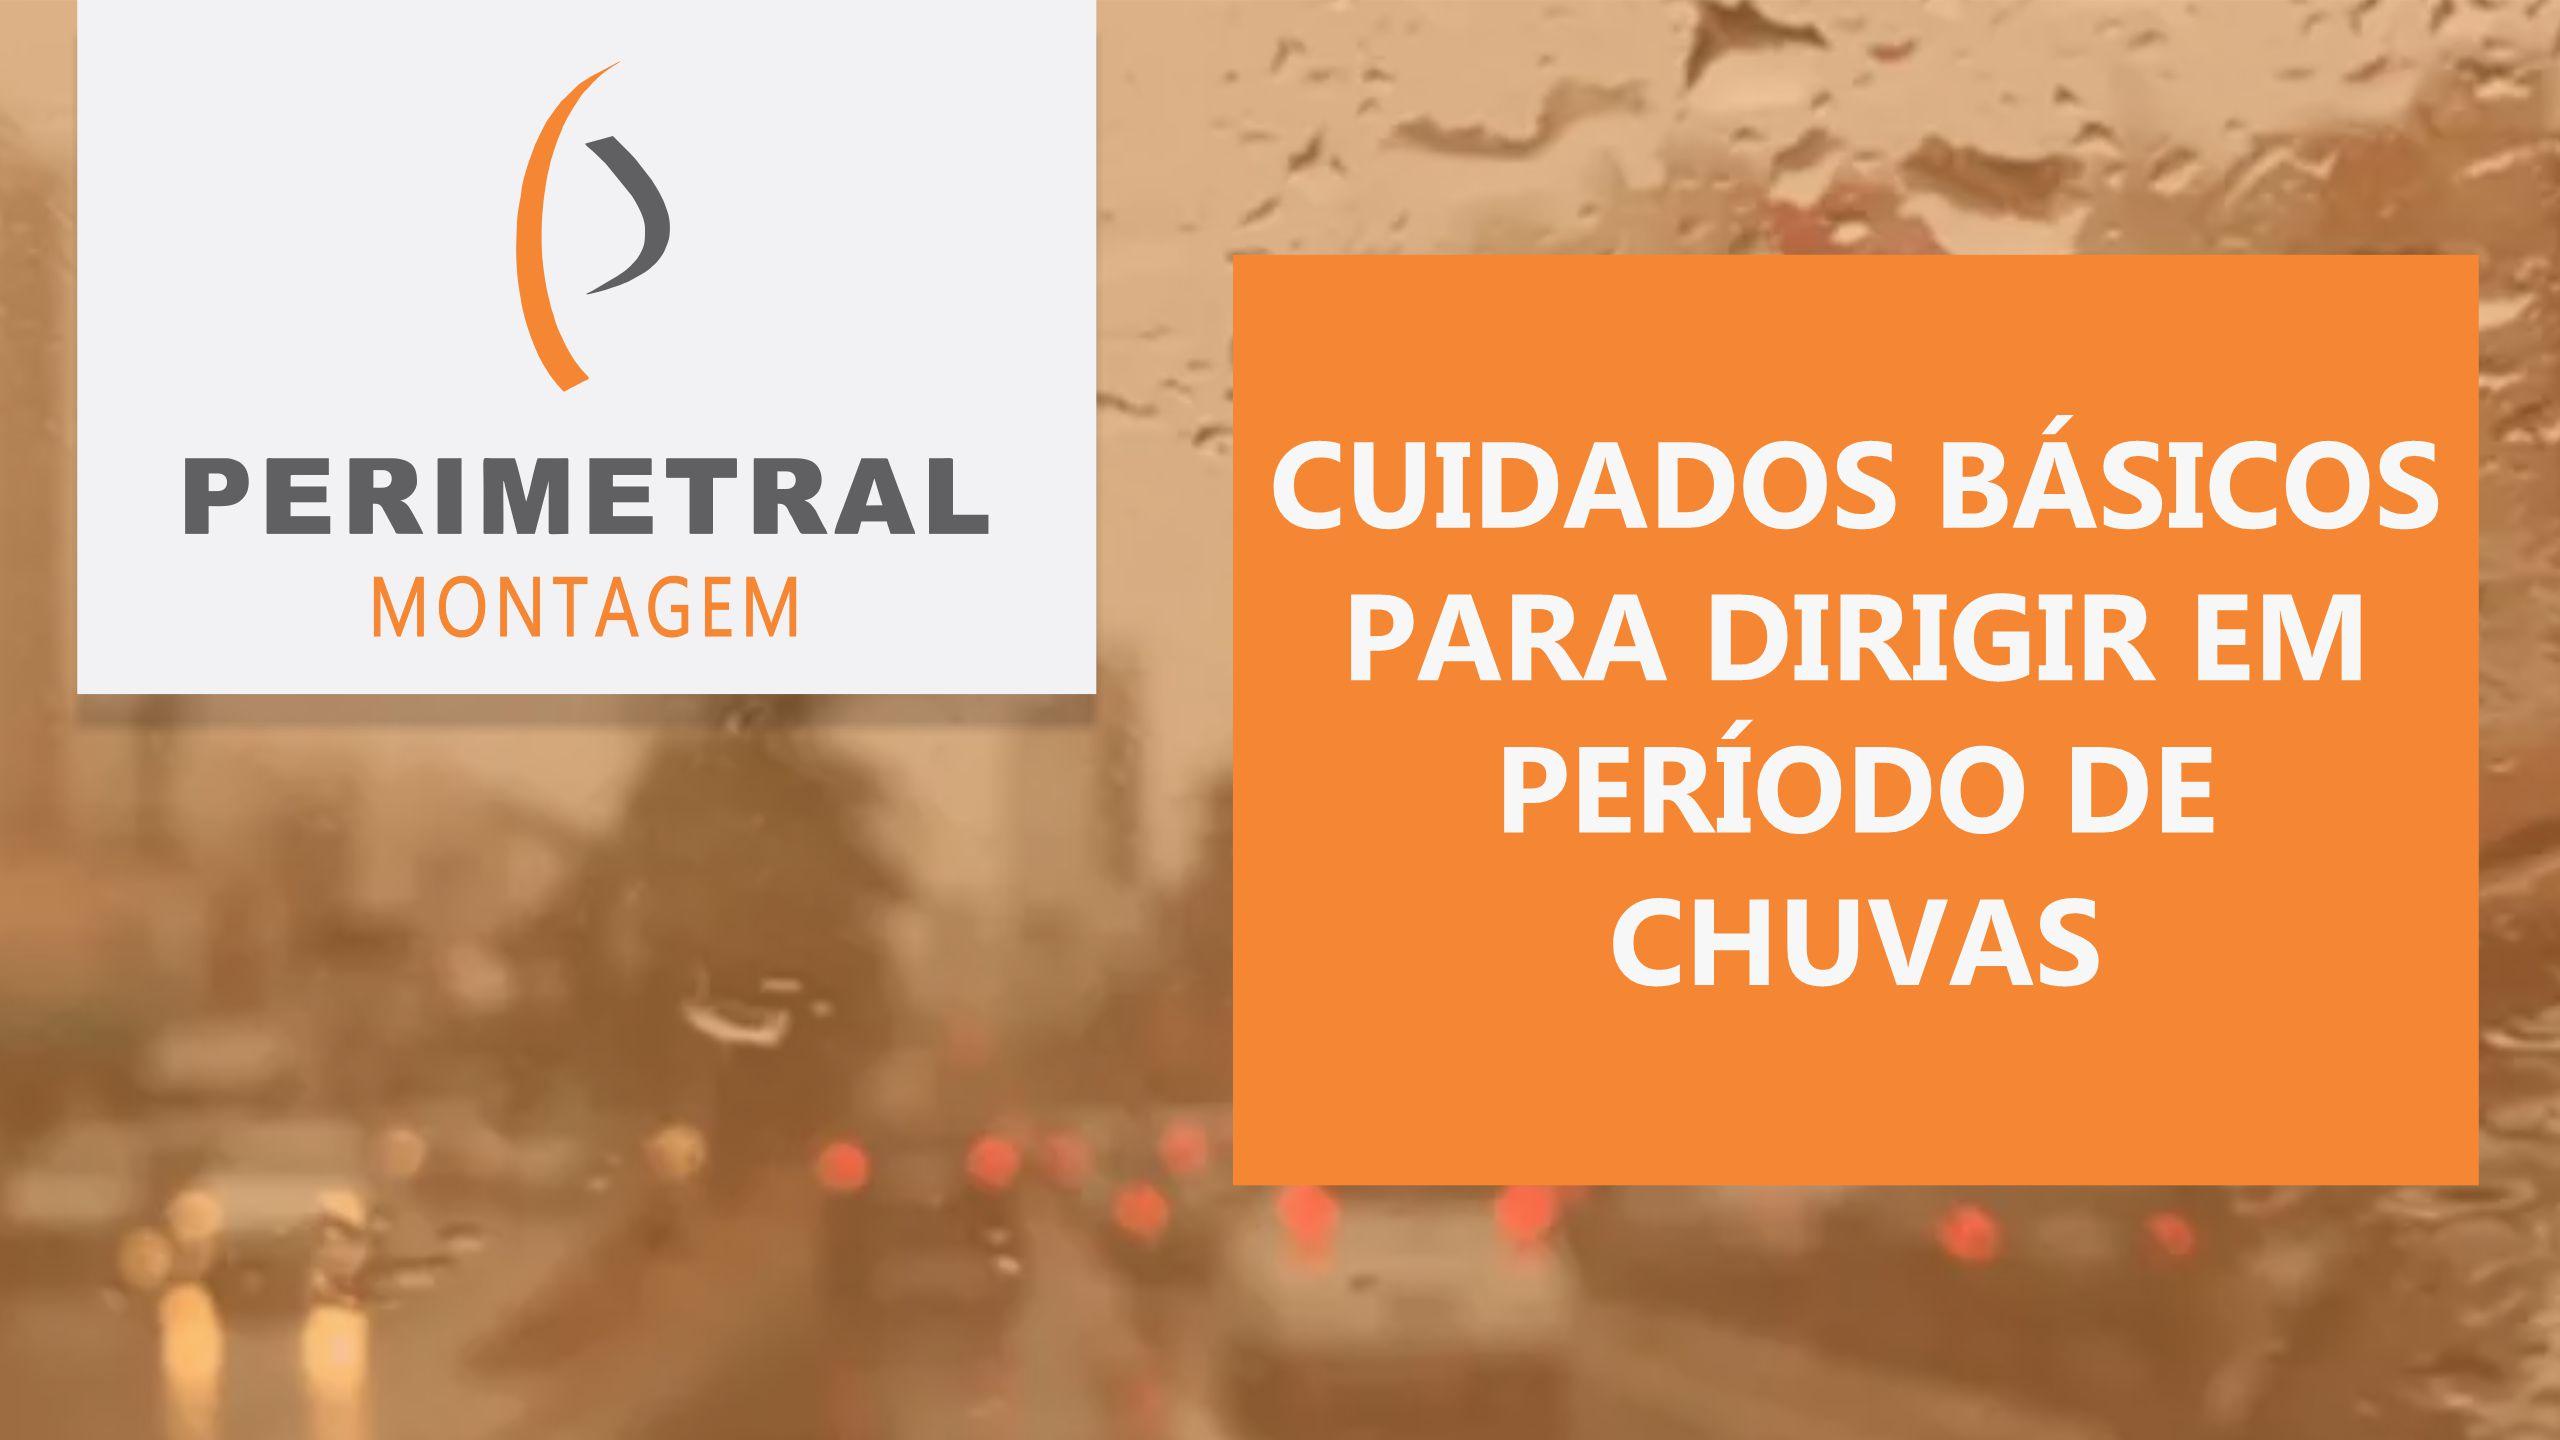 CUIDADOS BÁSICOS PARA DIRIGIR EM PERÍODO DE CHUVAS